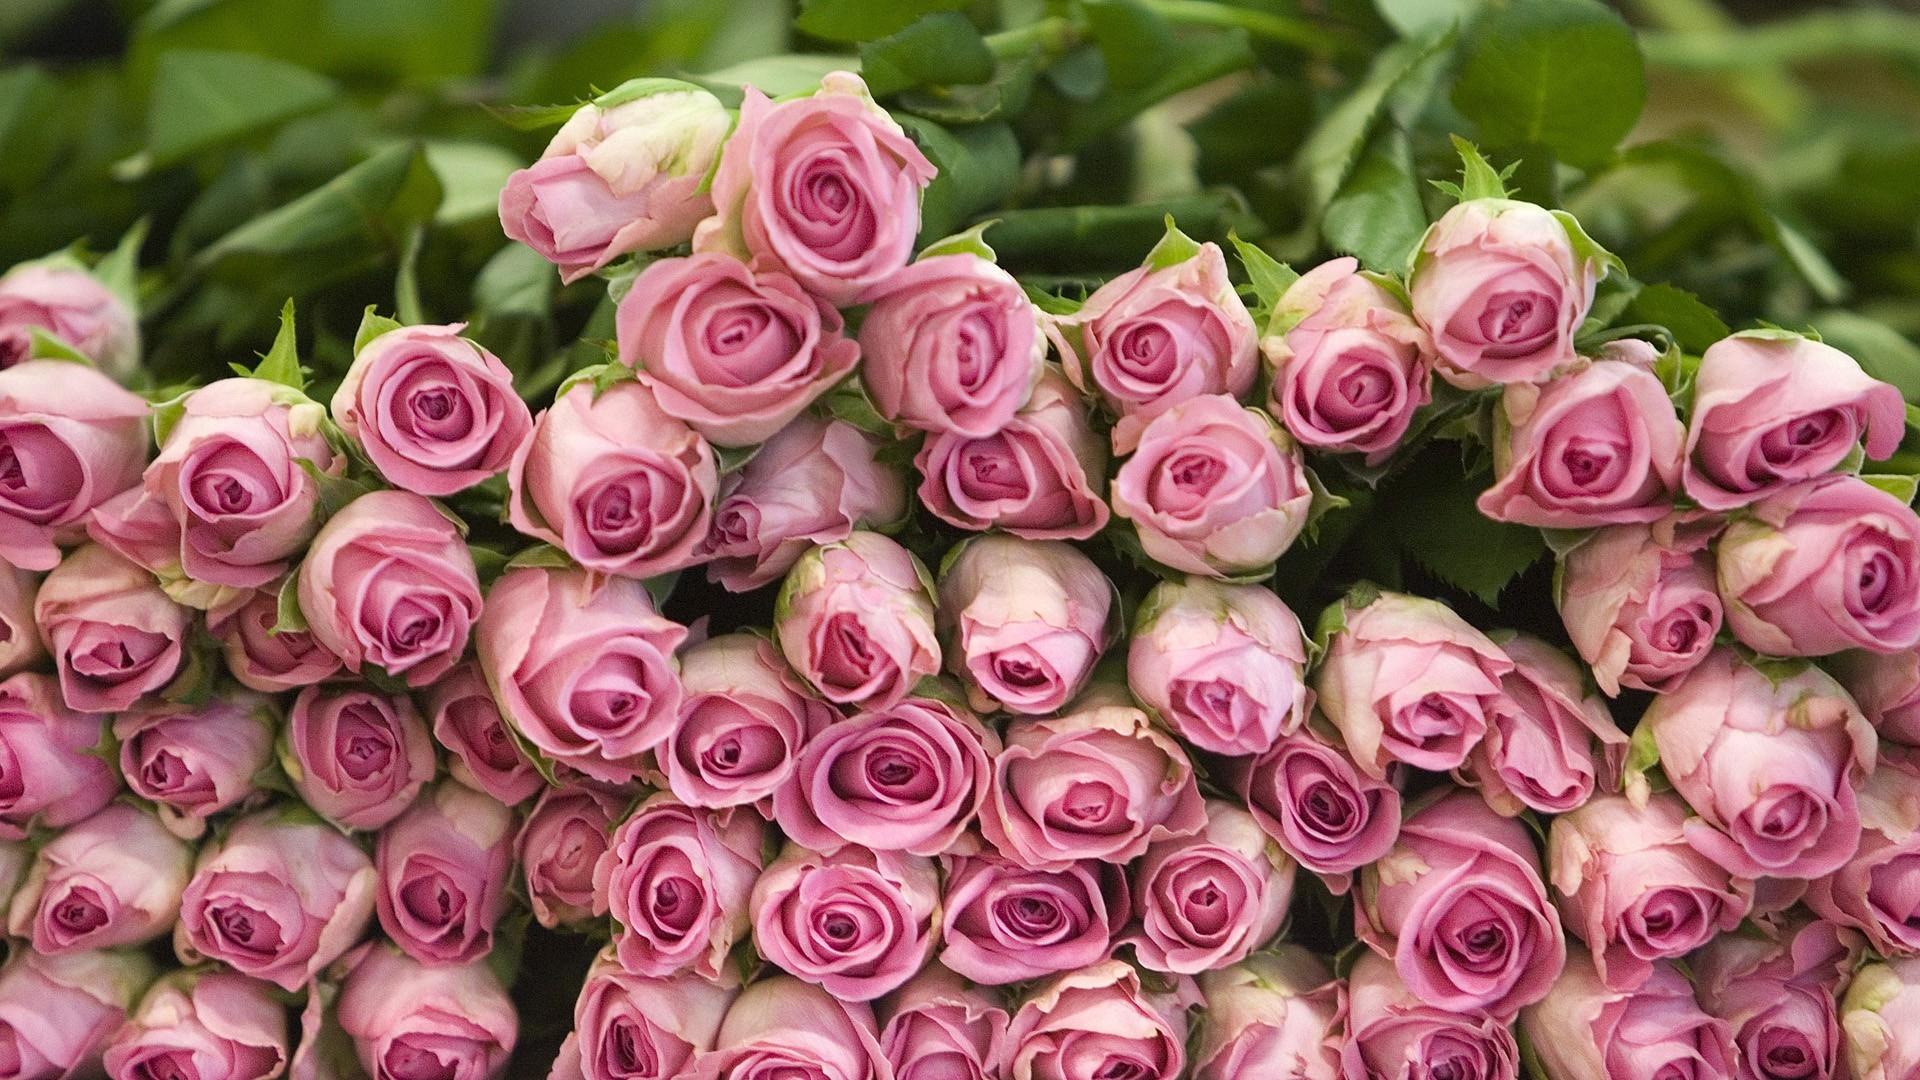 Fiori Da Giardino In Montagna sfondi : bugie, montagna, fiore, flora, rose, petalo